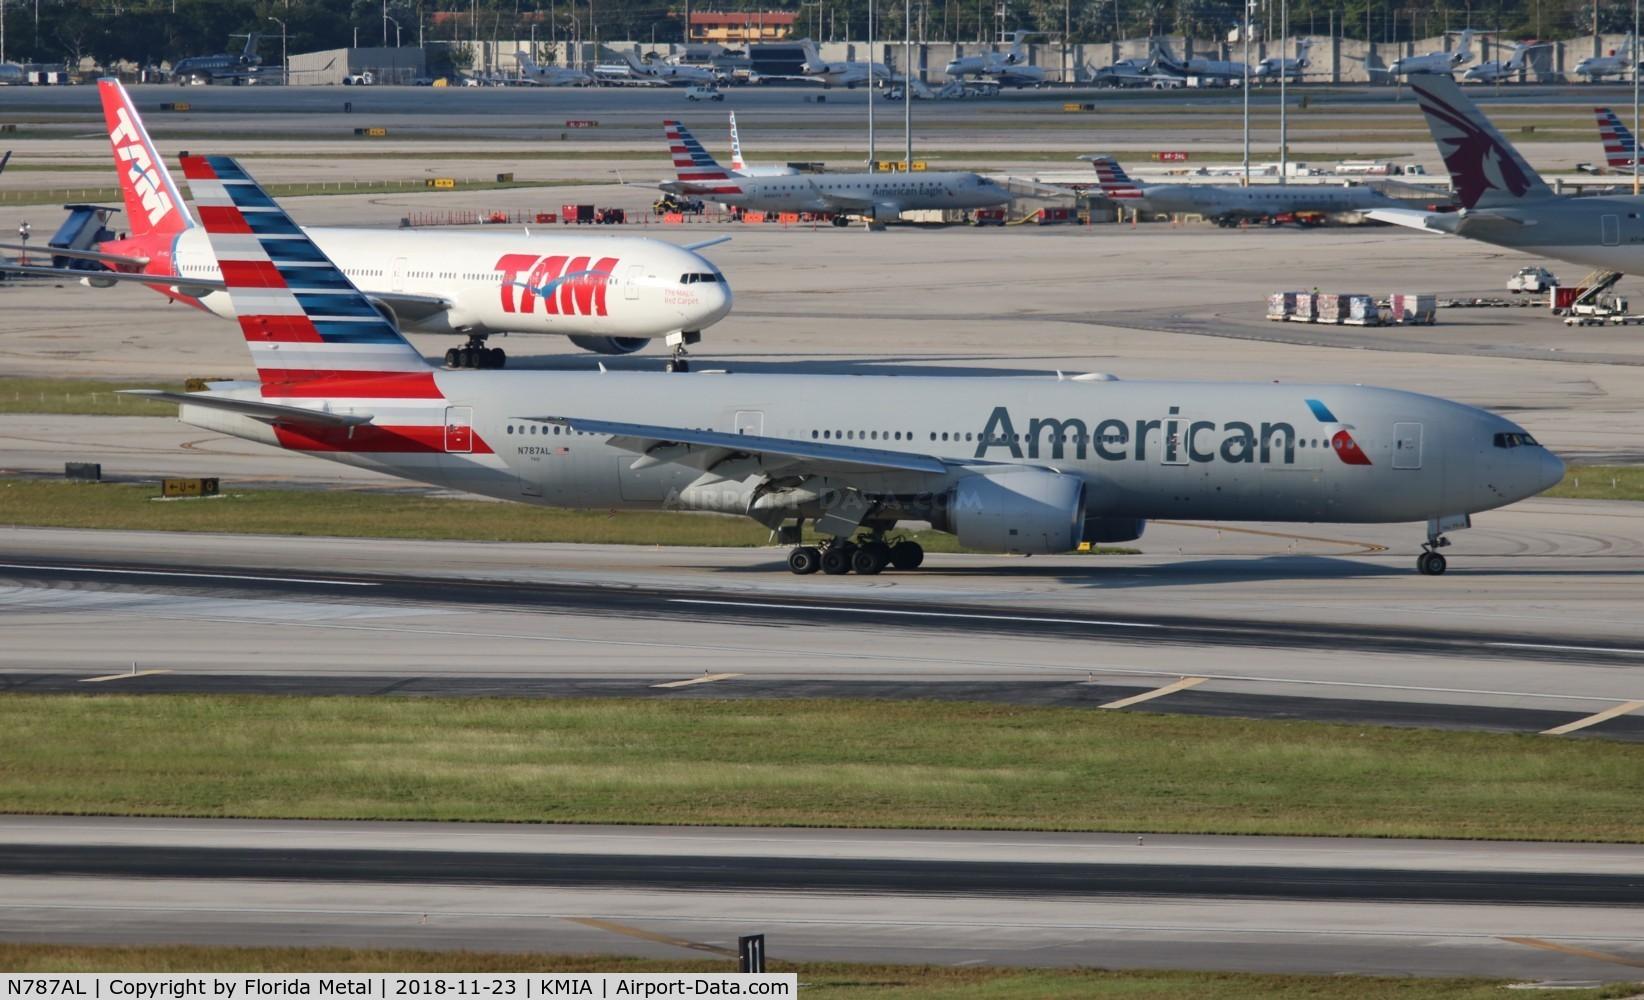 N787AL, 2000 Boeing 777-223 C/N 30010, American